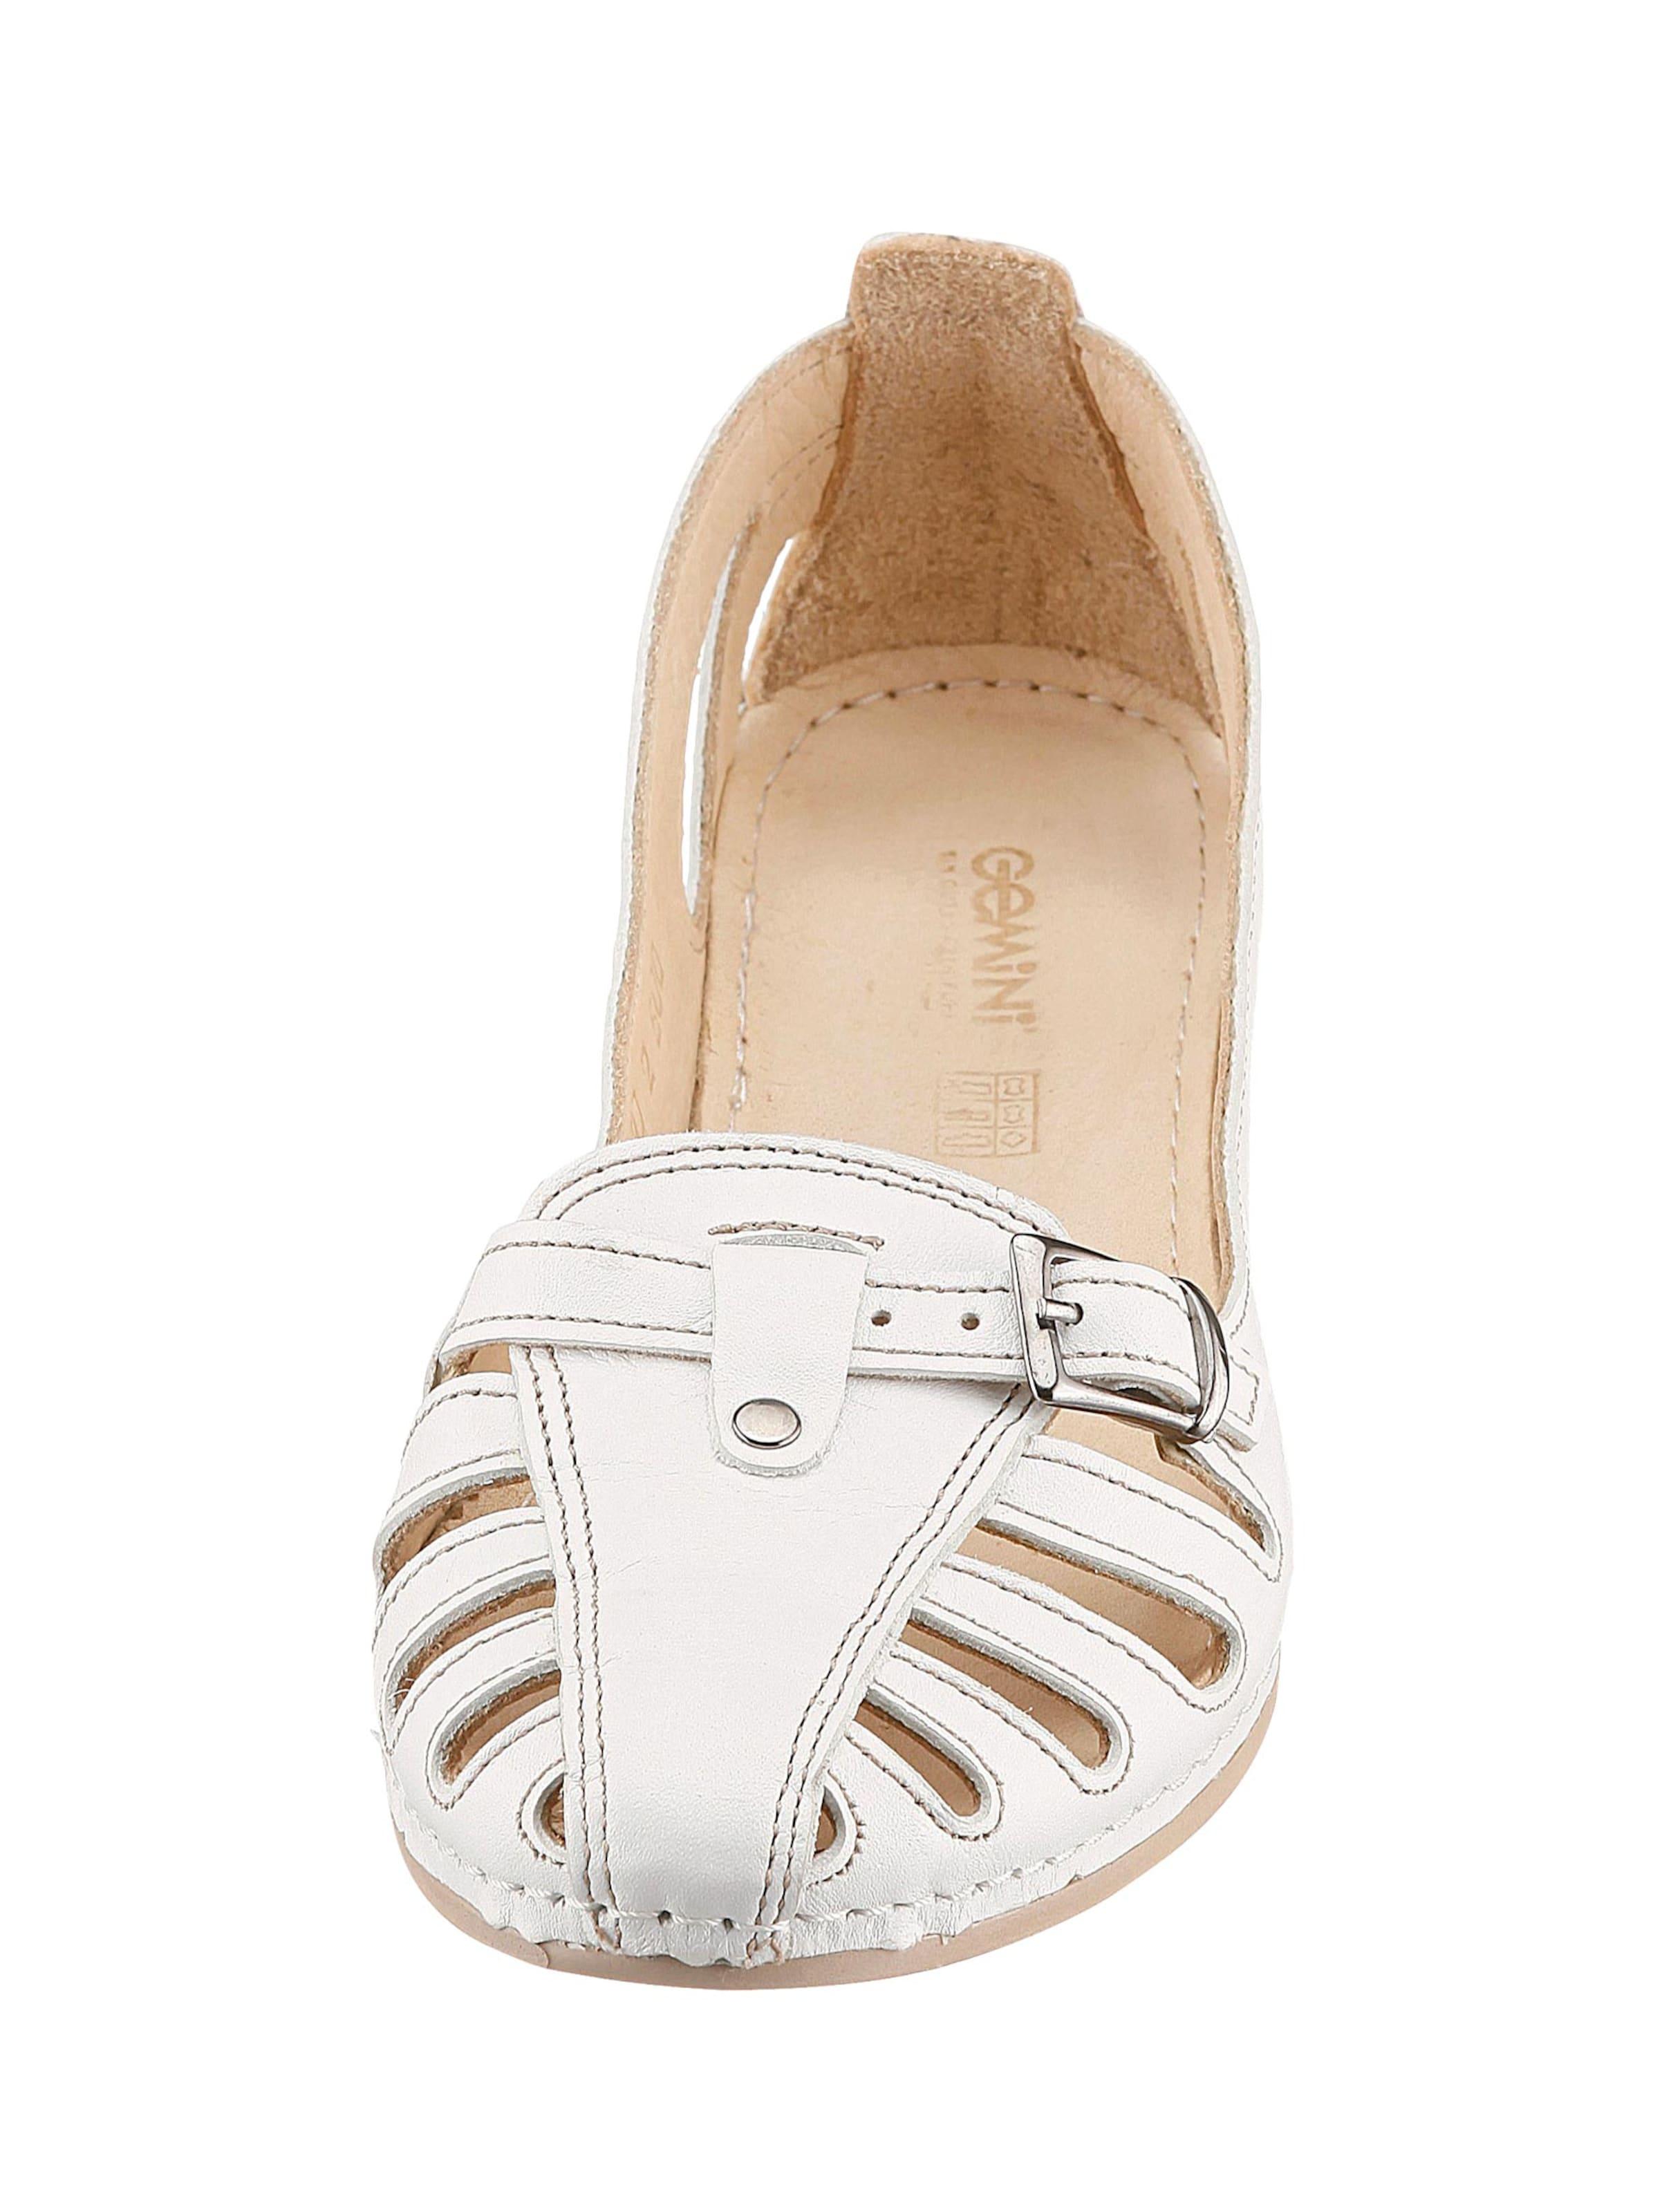 gemini - Damen Slipper weiß